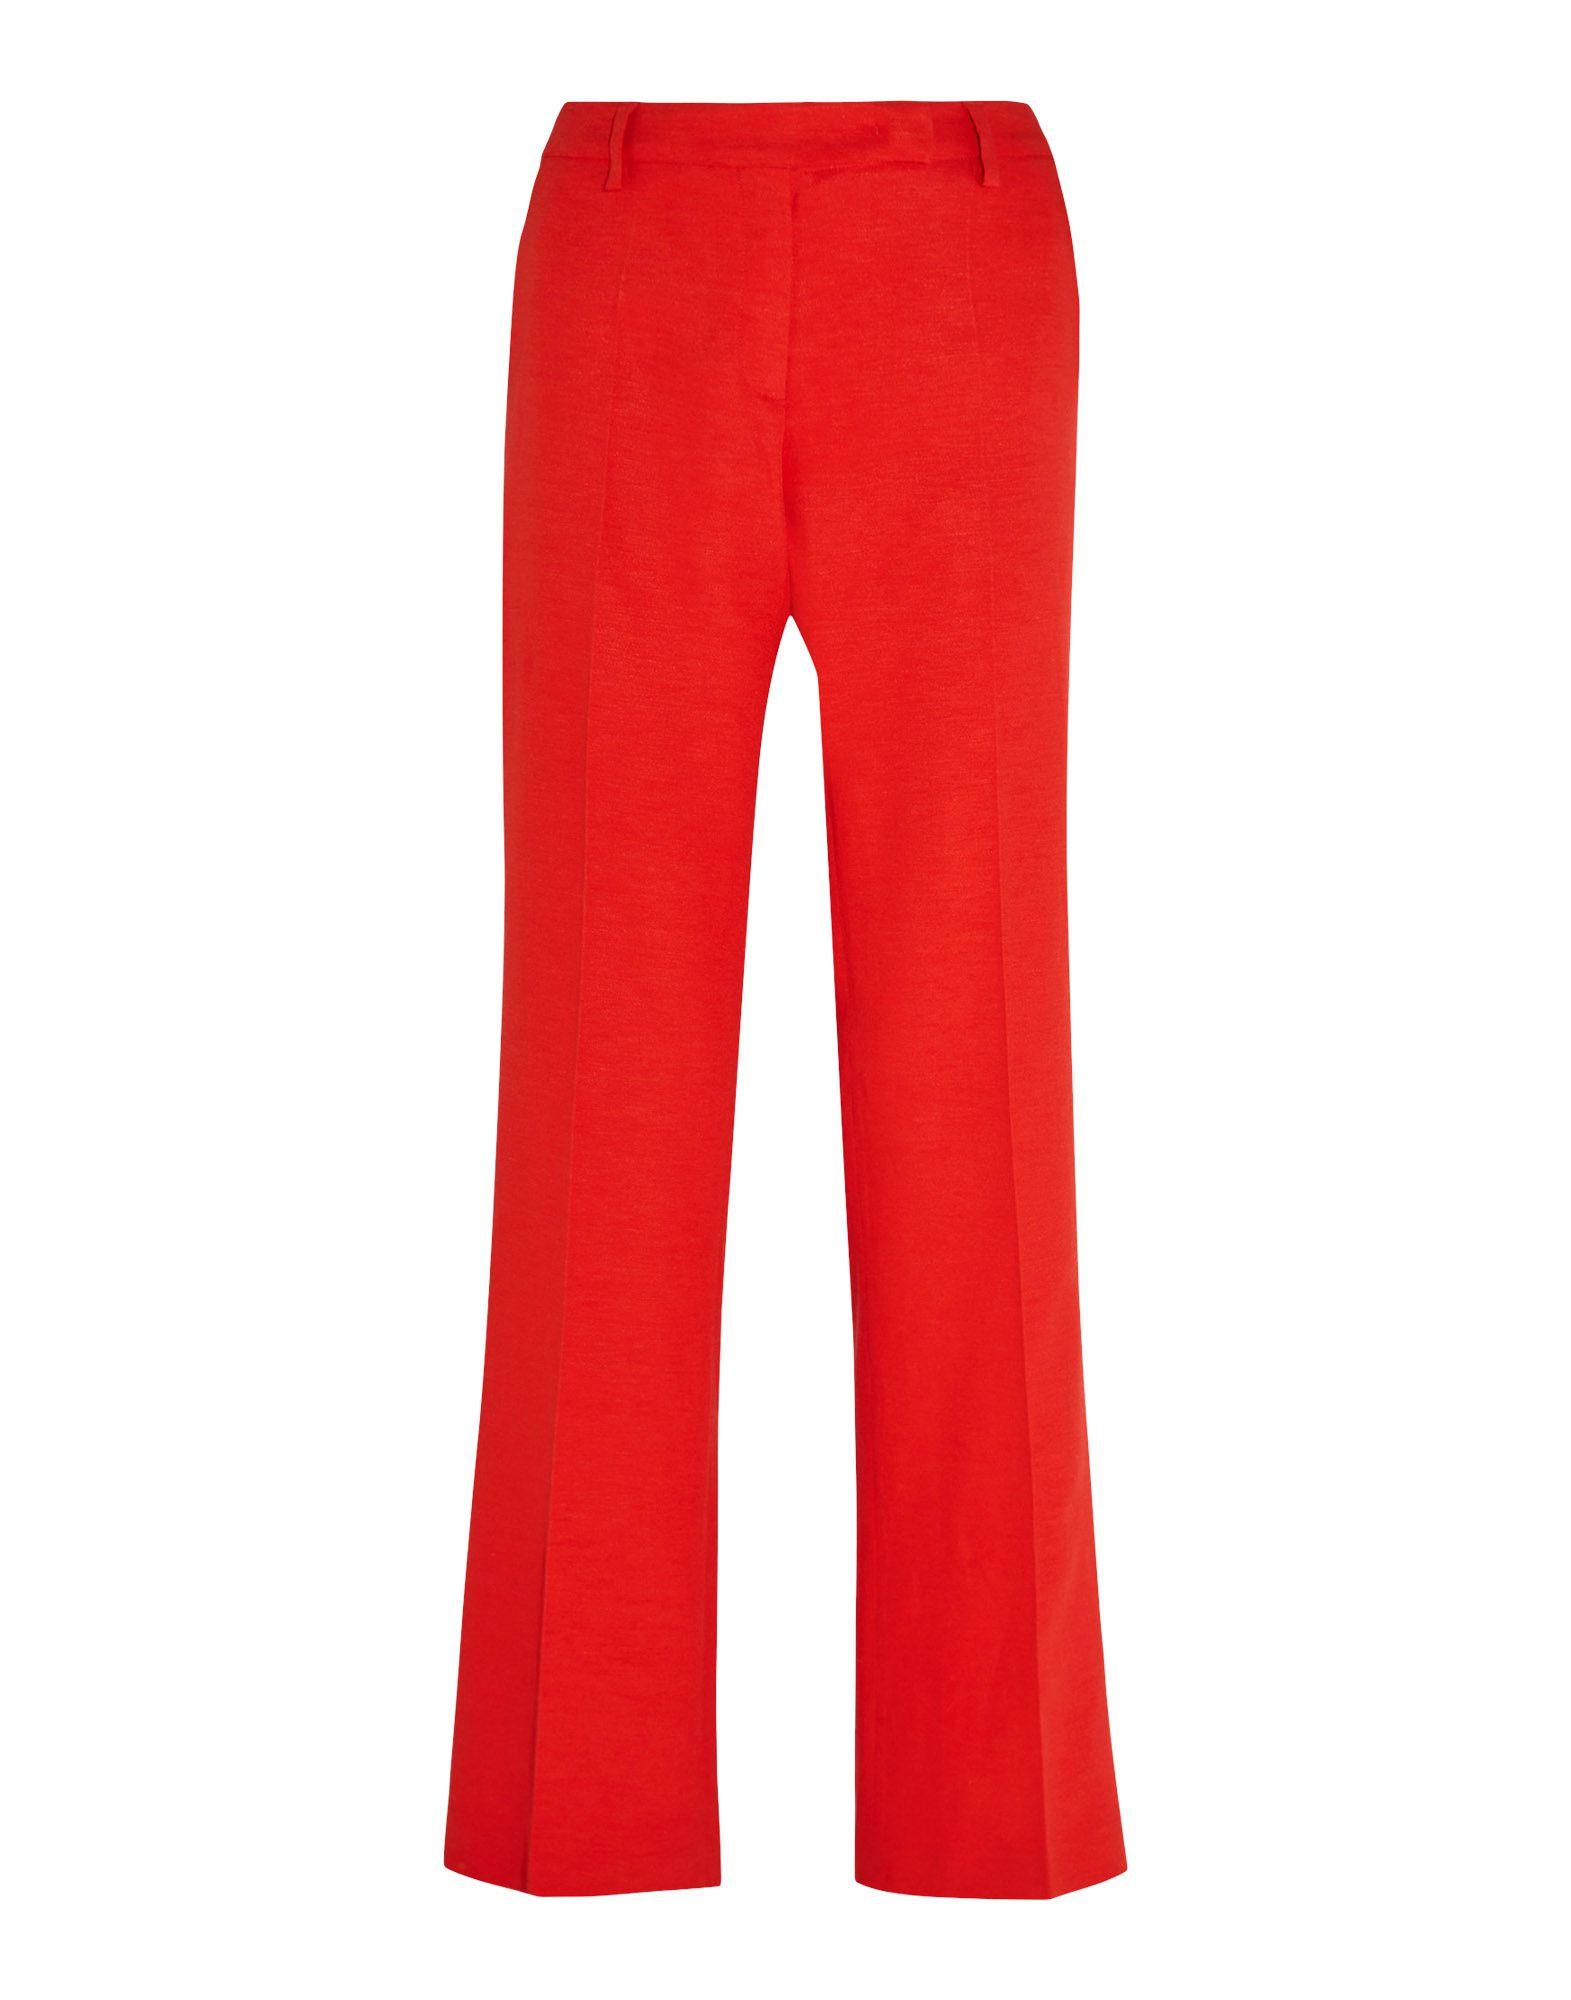 Фото - ALTUZARRA Повседневные брюки altuzarra розовые брюки из шерсти